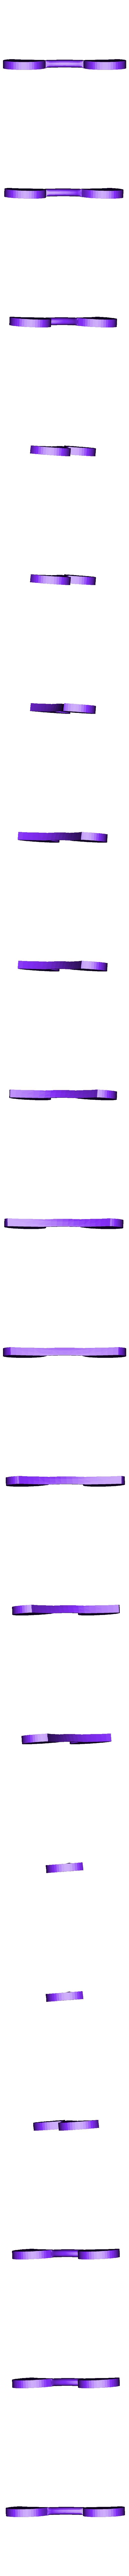 scrooge-glasses.stl Download free STL file Scrooge McDuck • 3D printer model, cody5